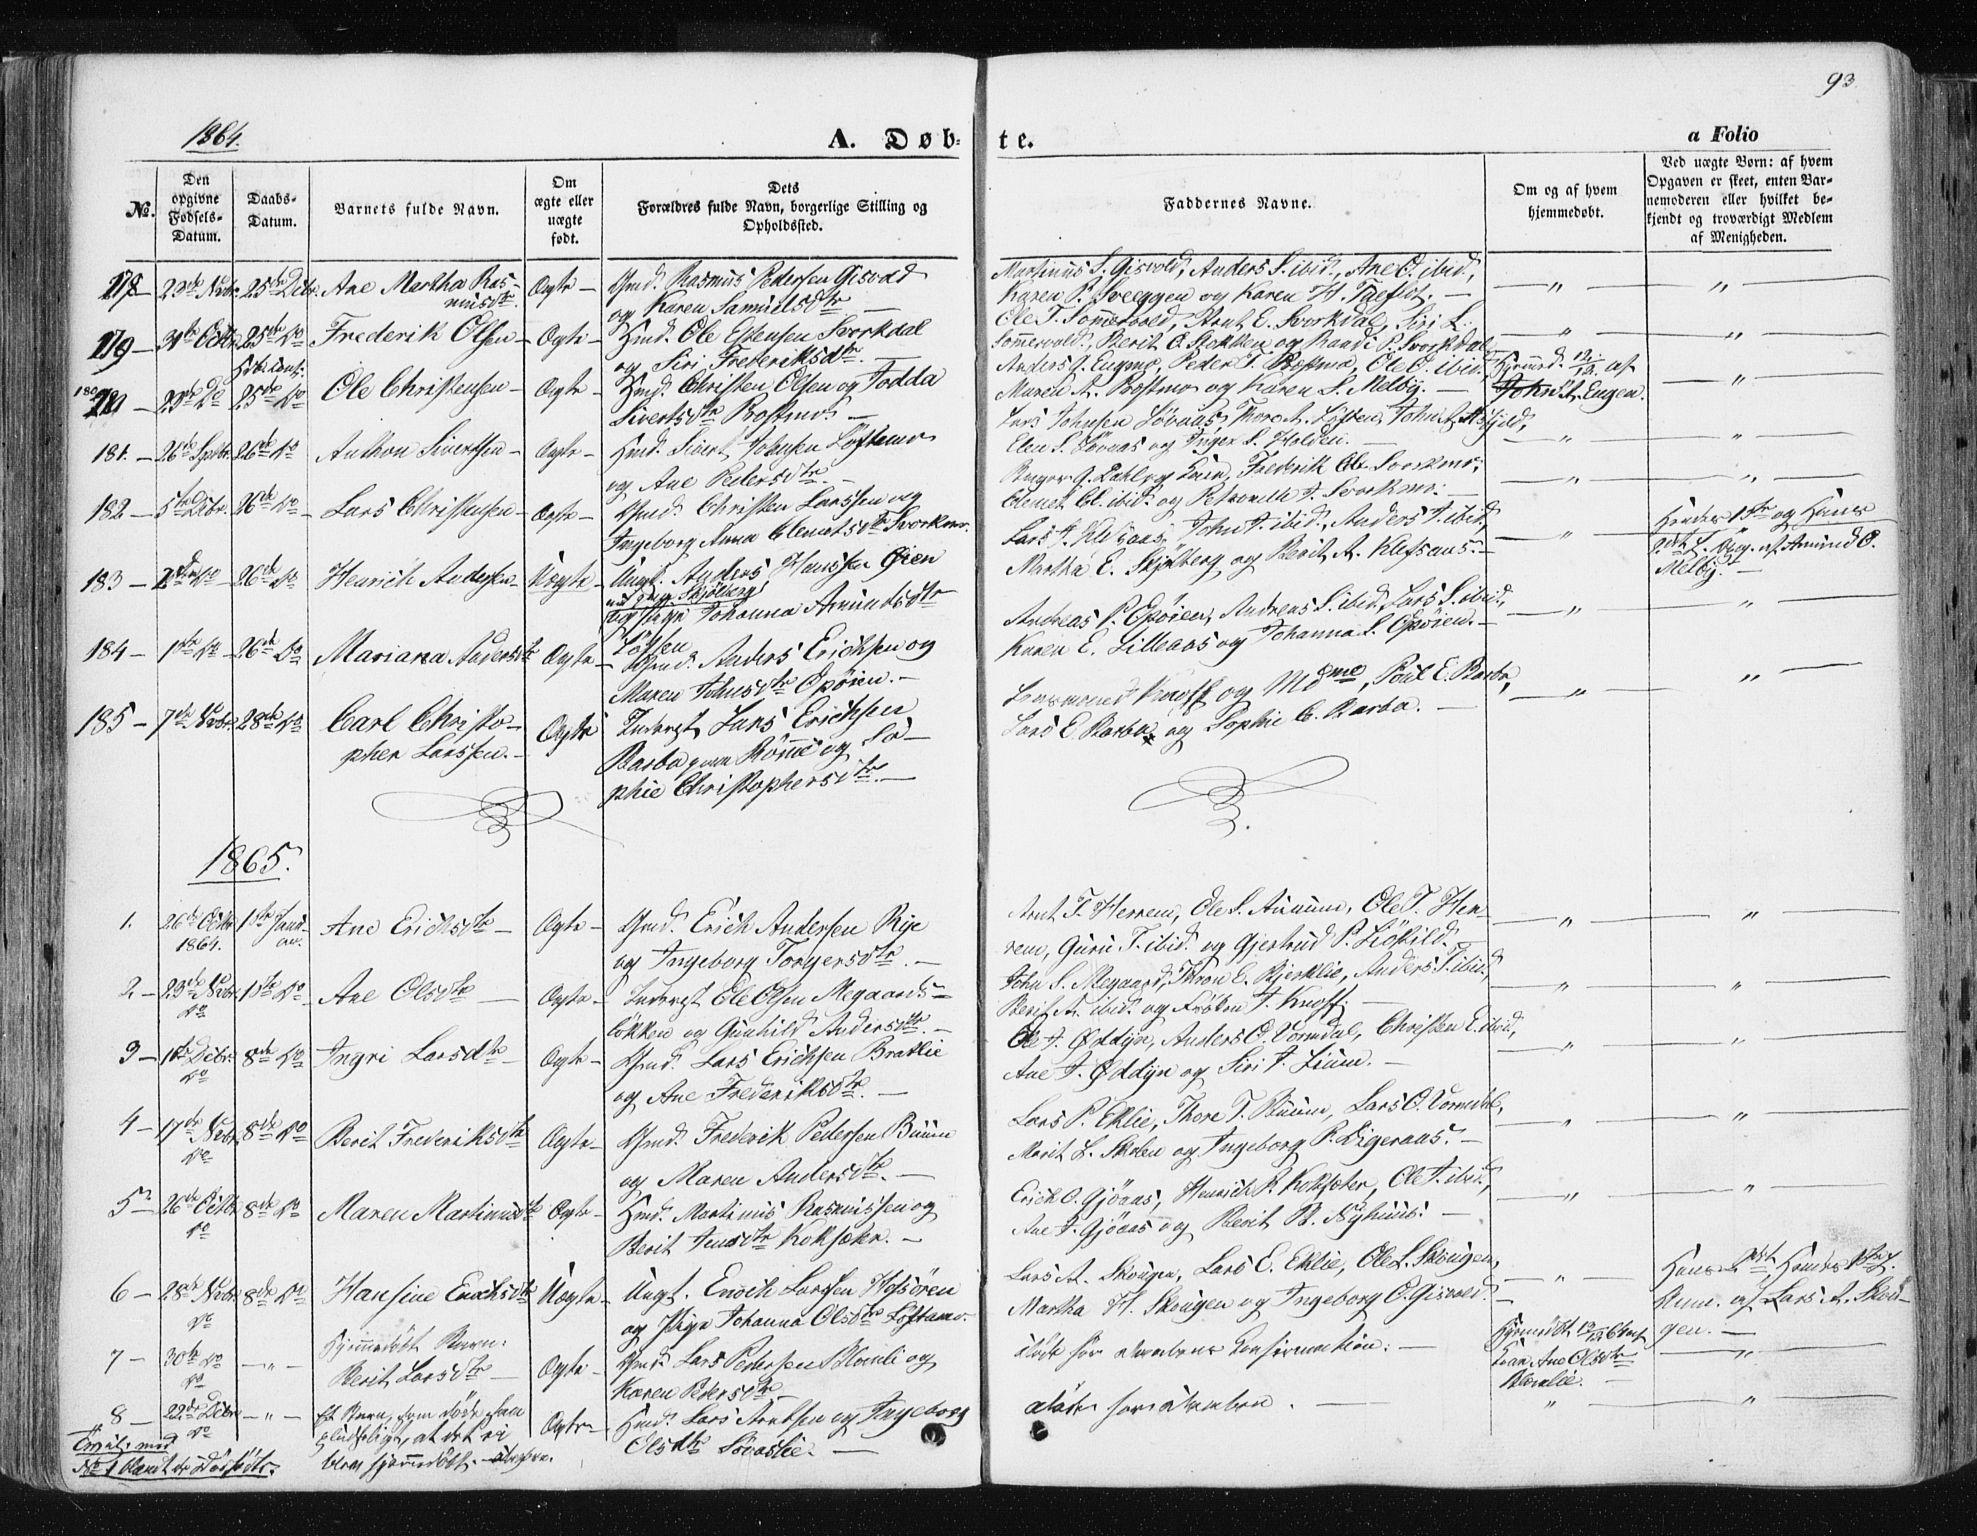 SAT, Ministerialprotokoller, klokkerbøker og fødselsregistre - Sør-Trøndelag, 668/L0806: Ministerialbok nr. 668A06, 1854-1869, s. 93